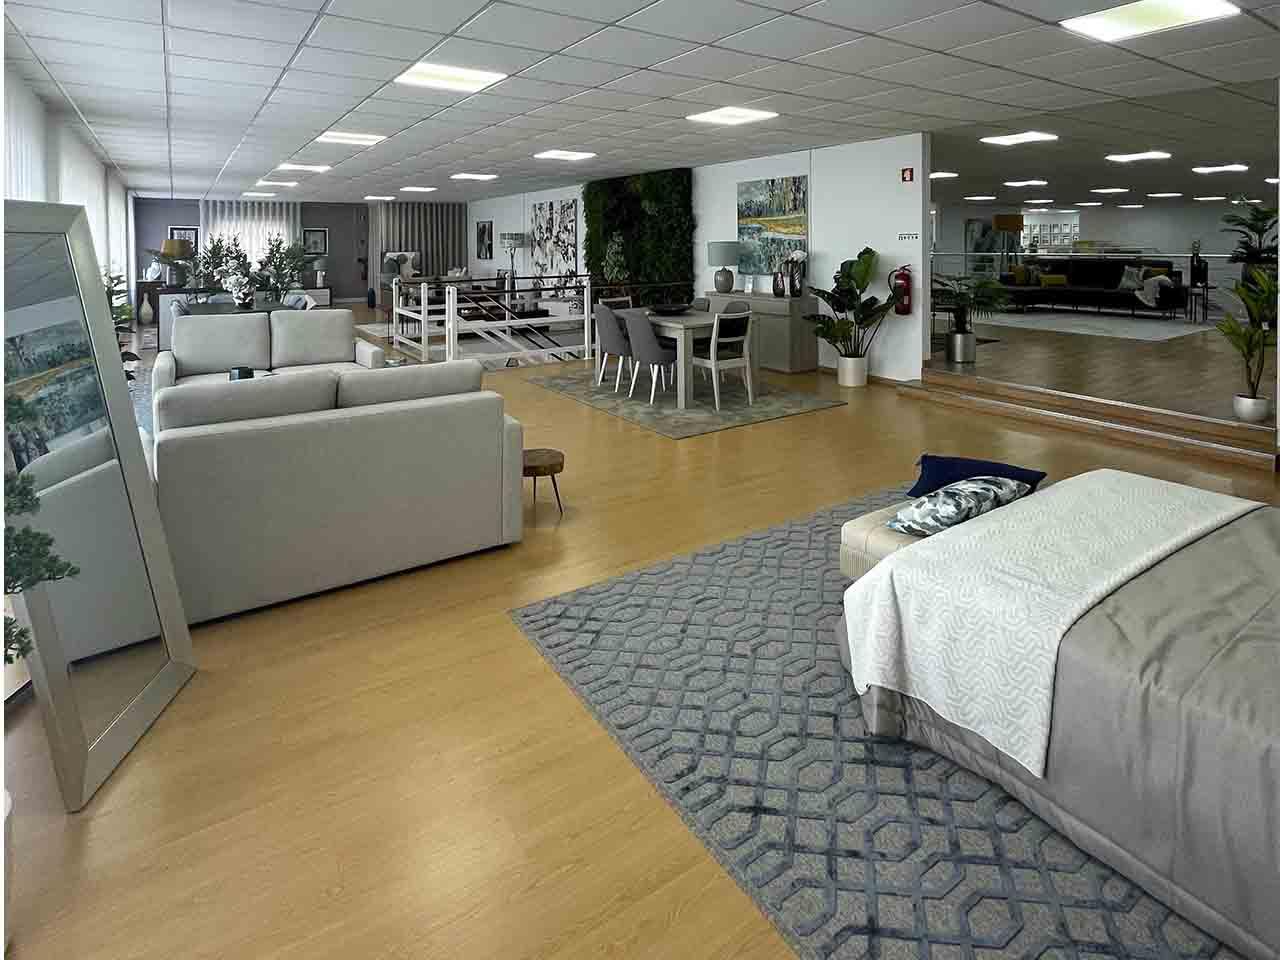 lisiarte-cortinados-camas-sofas-decoração-interiores-caldasdarainha-oeste-sãomartinho-bomsucesso-lisboa-praiadelrey